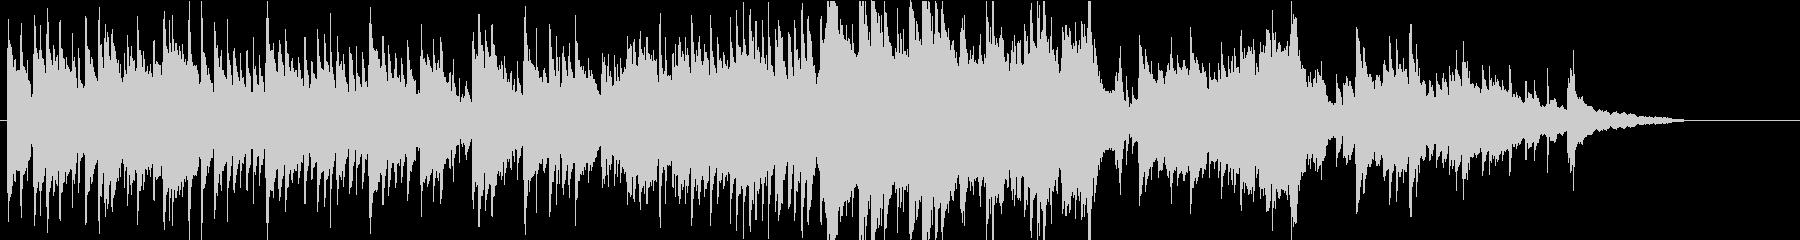 温かでちょっと切ないピアノバラードの未再生の波形